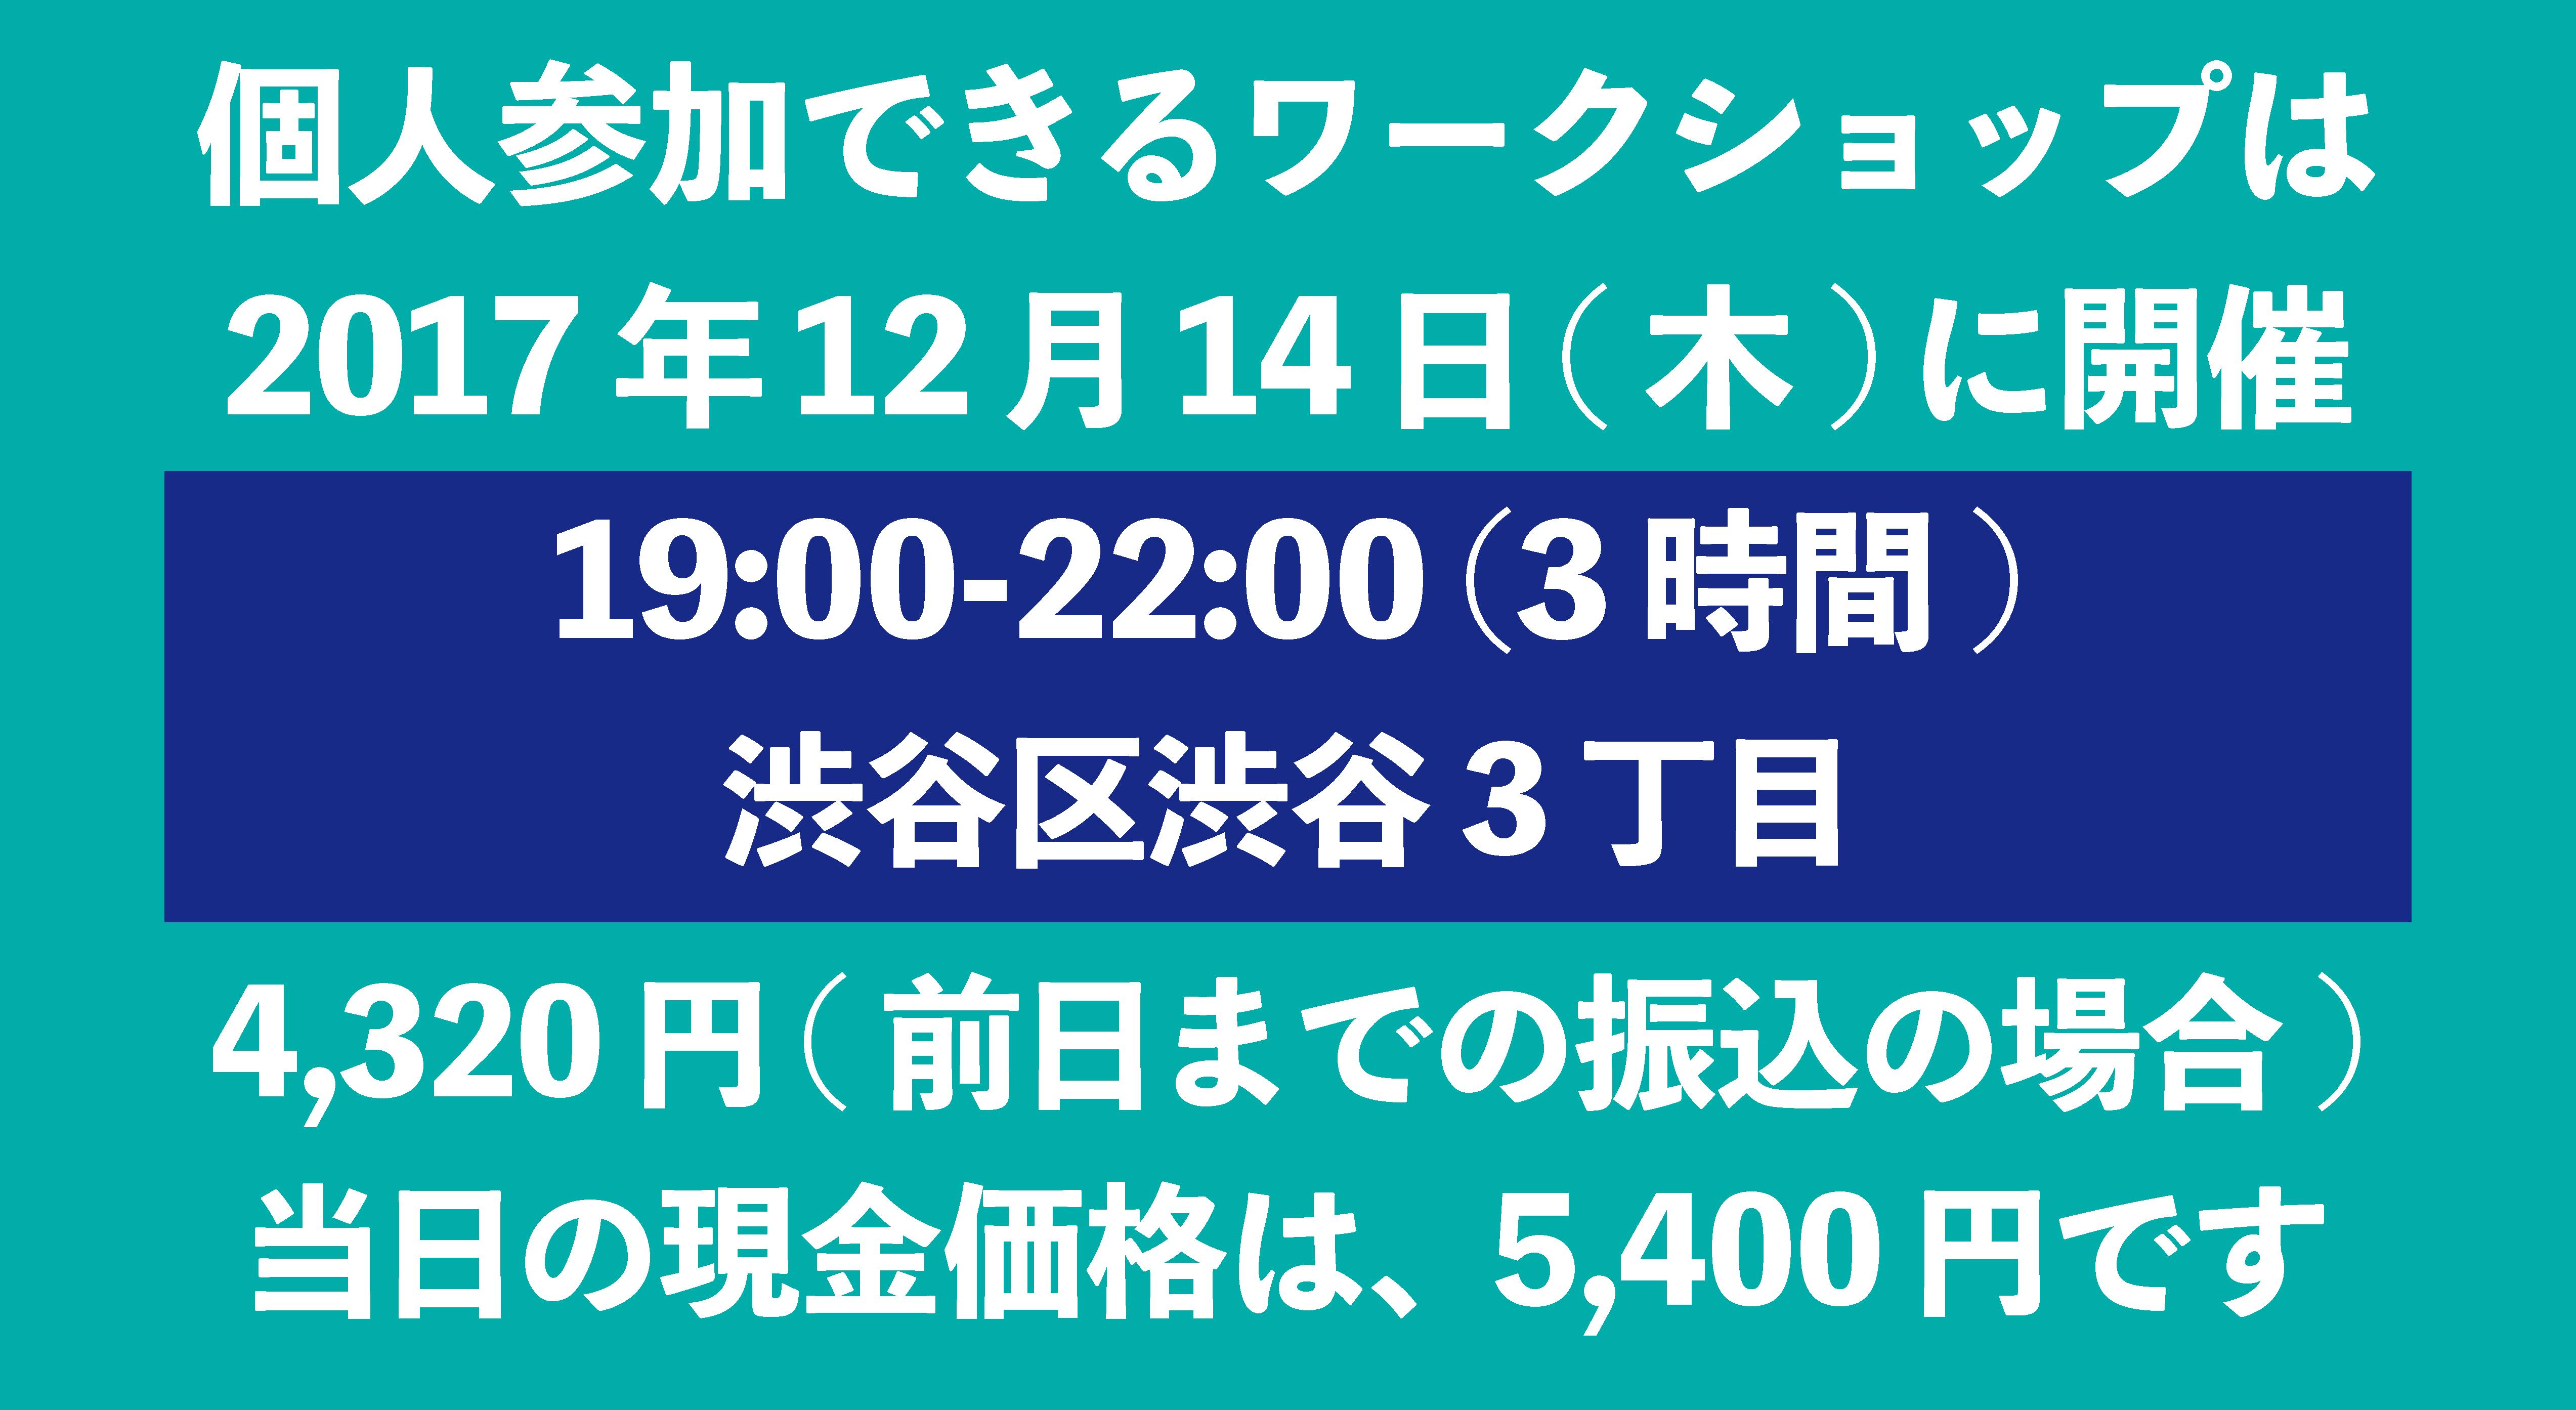 個人参加できるワークショップは、2017年12月14日 木曜日に開催 19時から22時までの3時間 渋谷区渋谷3丁目  費用は4320円(前日までの振込の場合) 当日の現金価格5400円です。